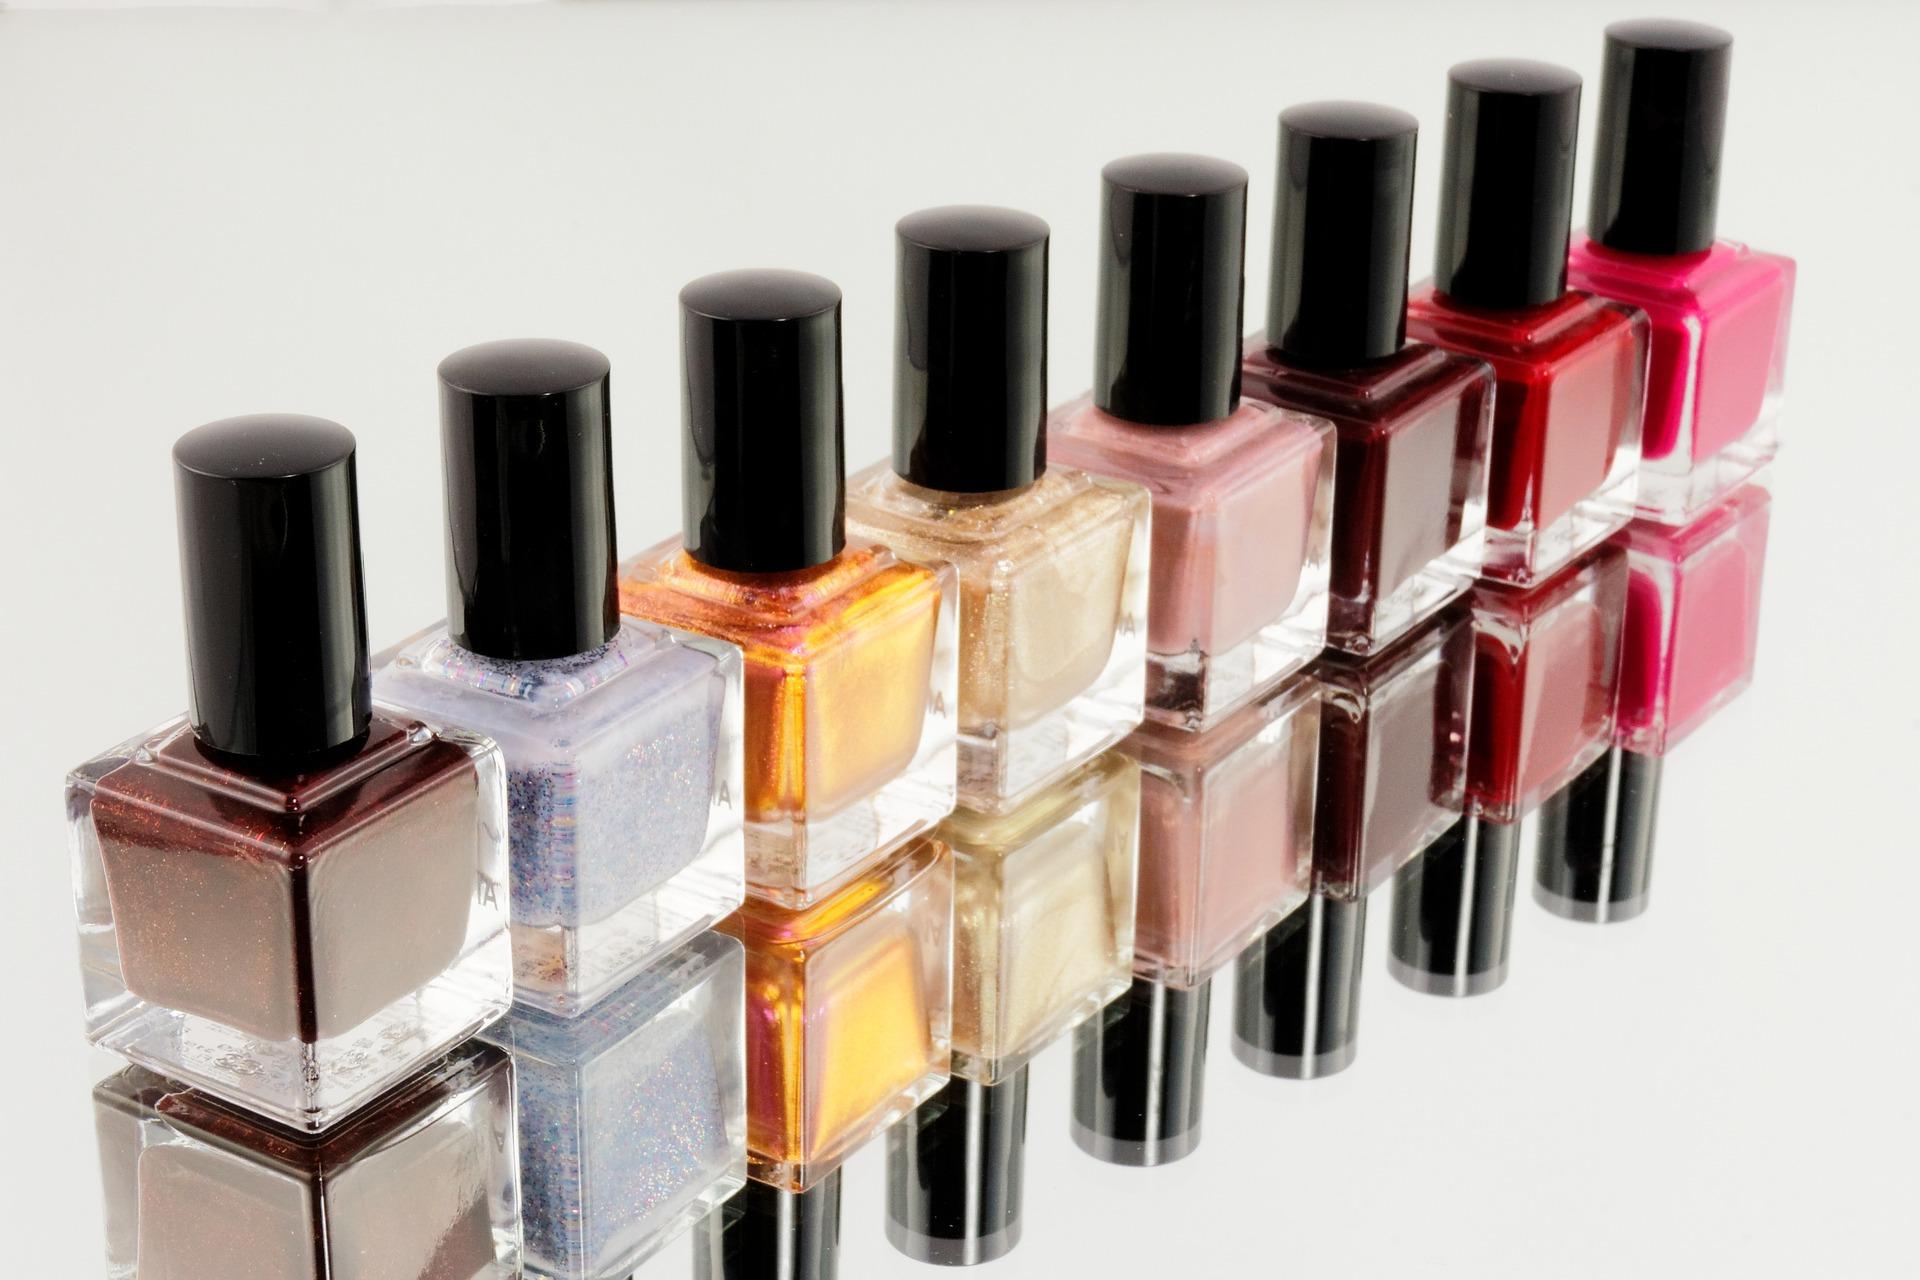 MaxPixel.freegreatpicture.com-Pedicure-Kosmetikstudio-Care-Cosmetics-Manicure-870857.jpg